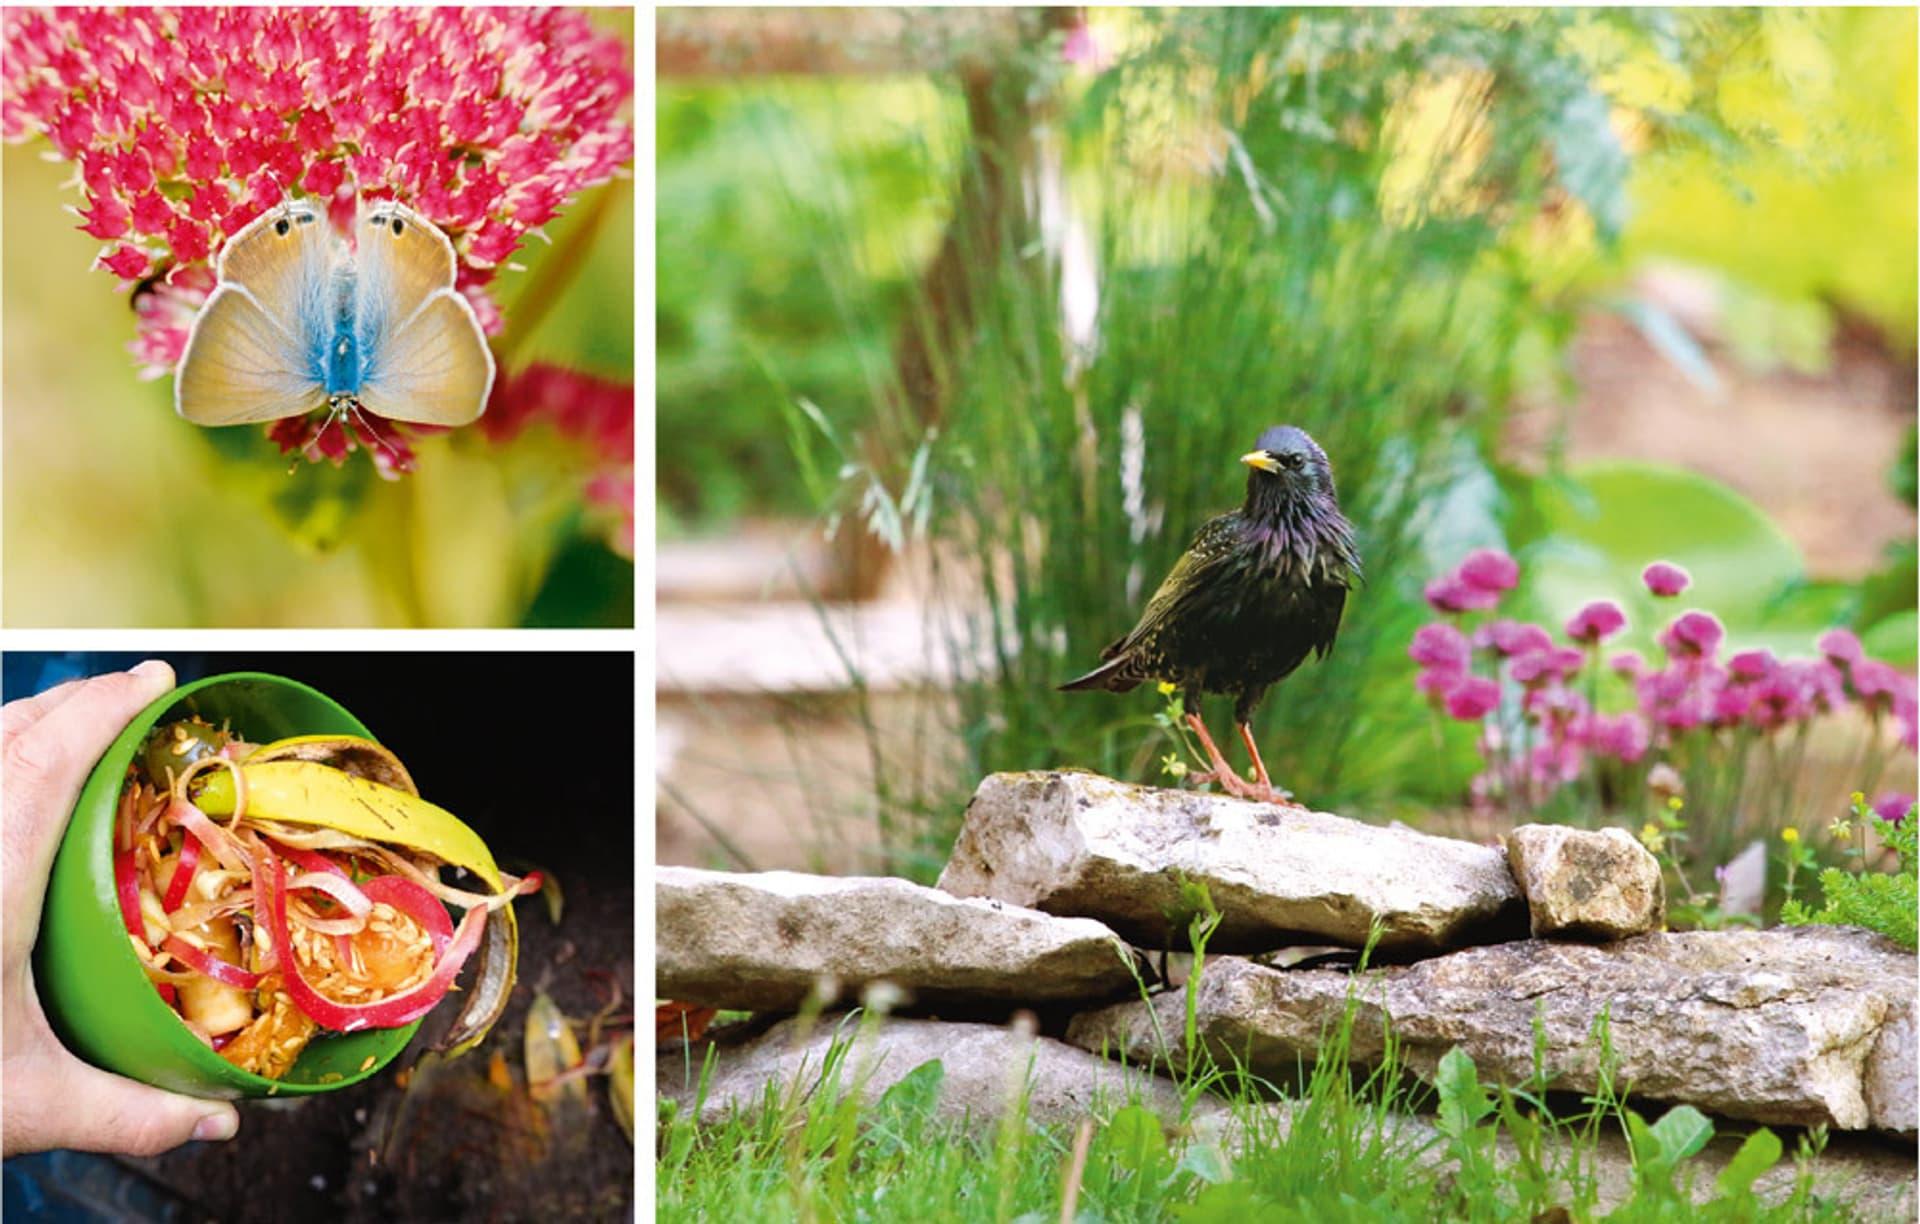 Drei Fotos aus dem Naturgarten zeigen einen Schmetterling einen Vogel und Kompostabfall